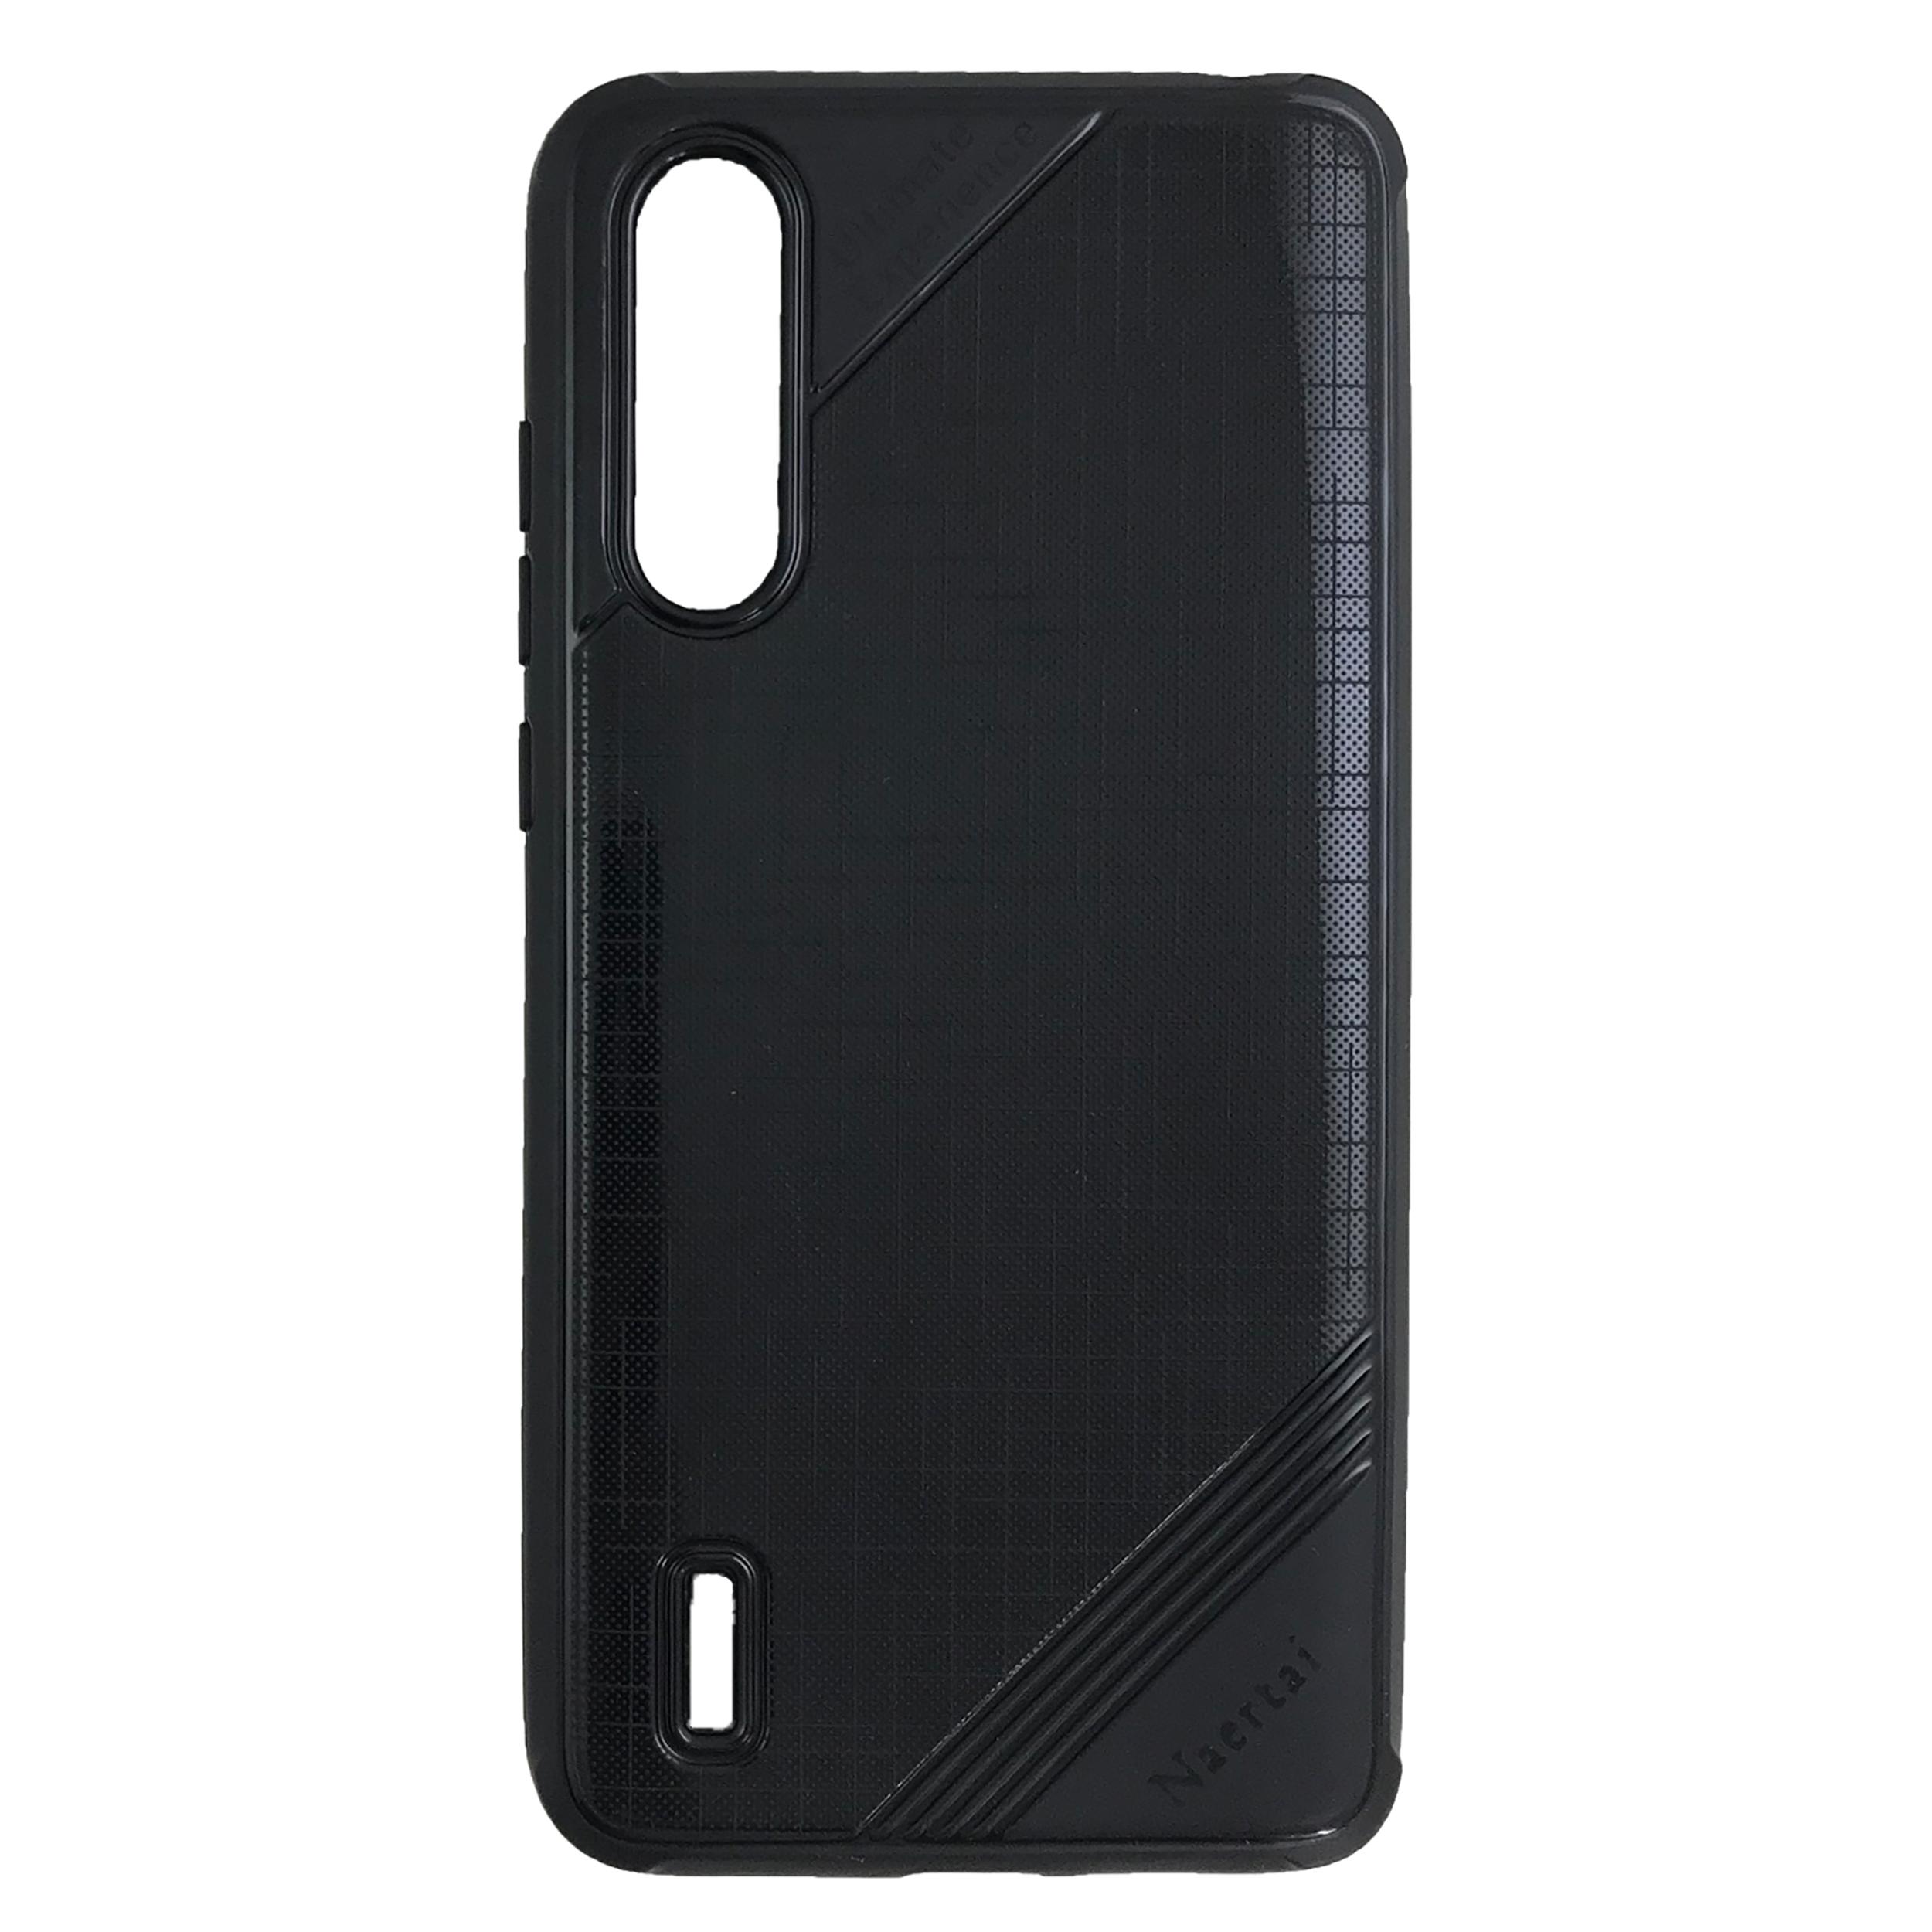 کاور مدل Naertai مناسب برای گوشی موبایل شیائومی Mi 9 Lite              ( قیمت و خرید)